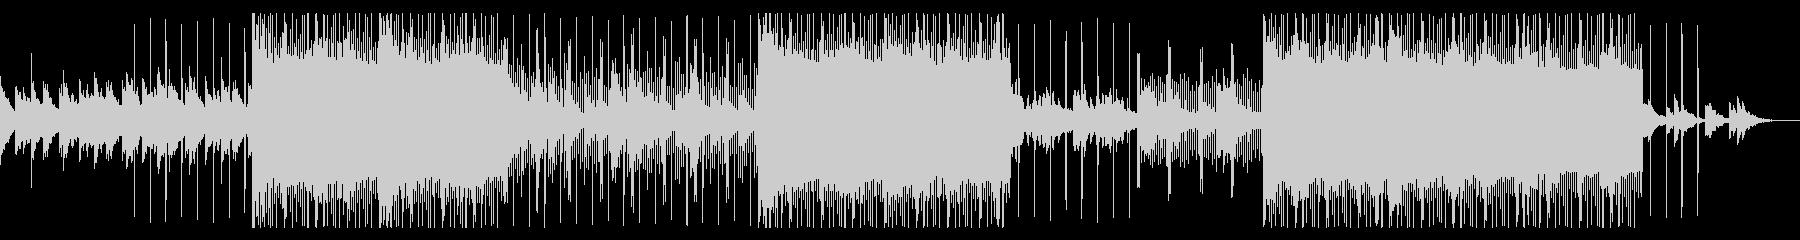 ダークヒップホップ(トラップ)の未再生の波形